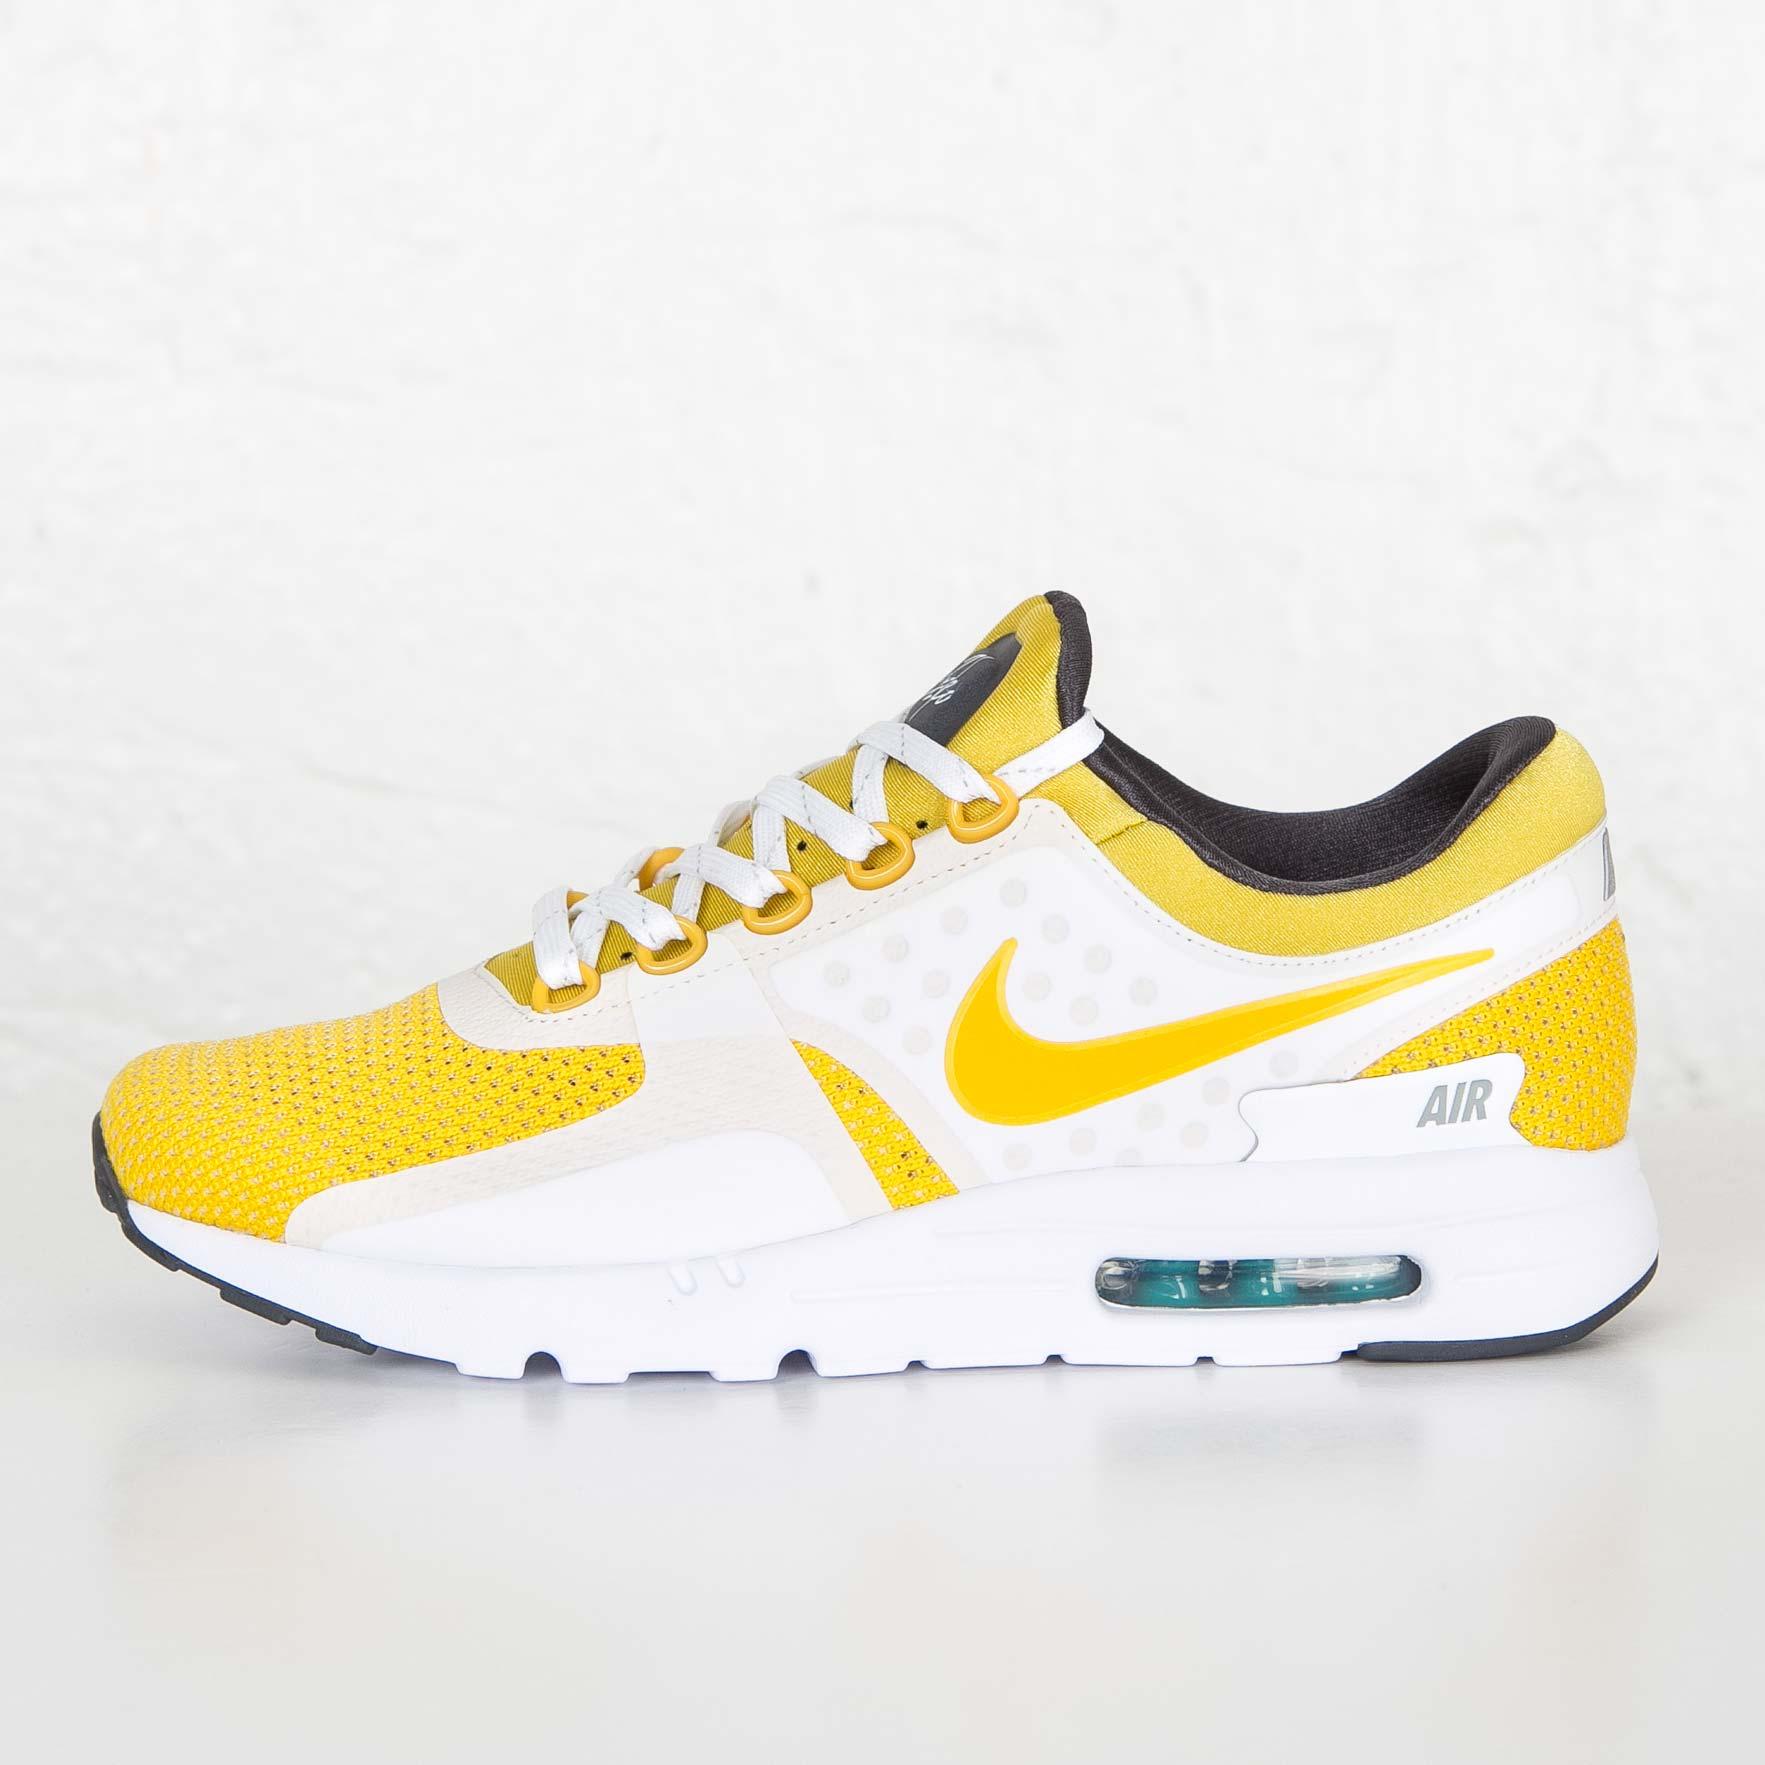 09a702beddf7 Nike Air Max Zero QS - 789695-100 - Sneakersnstuff